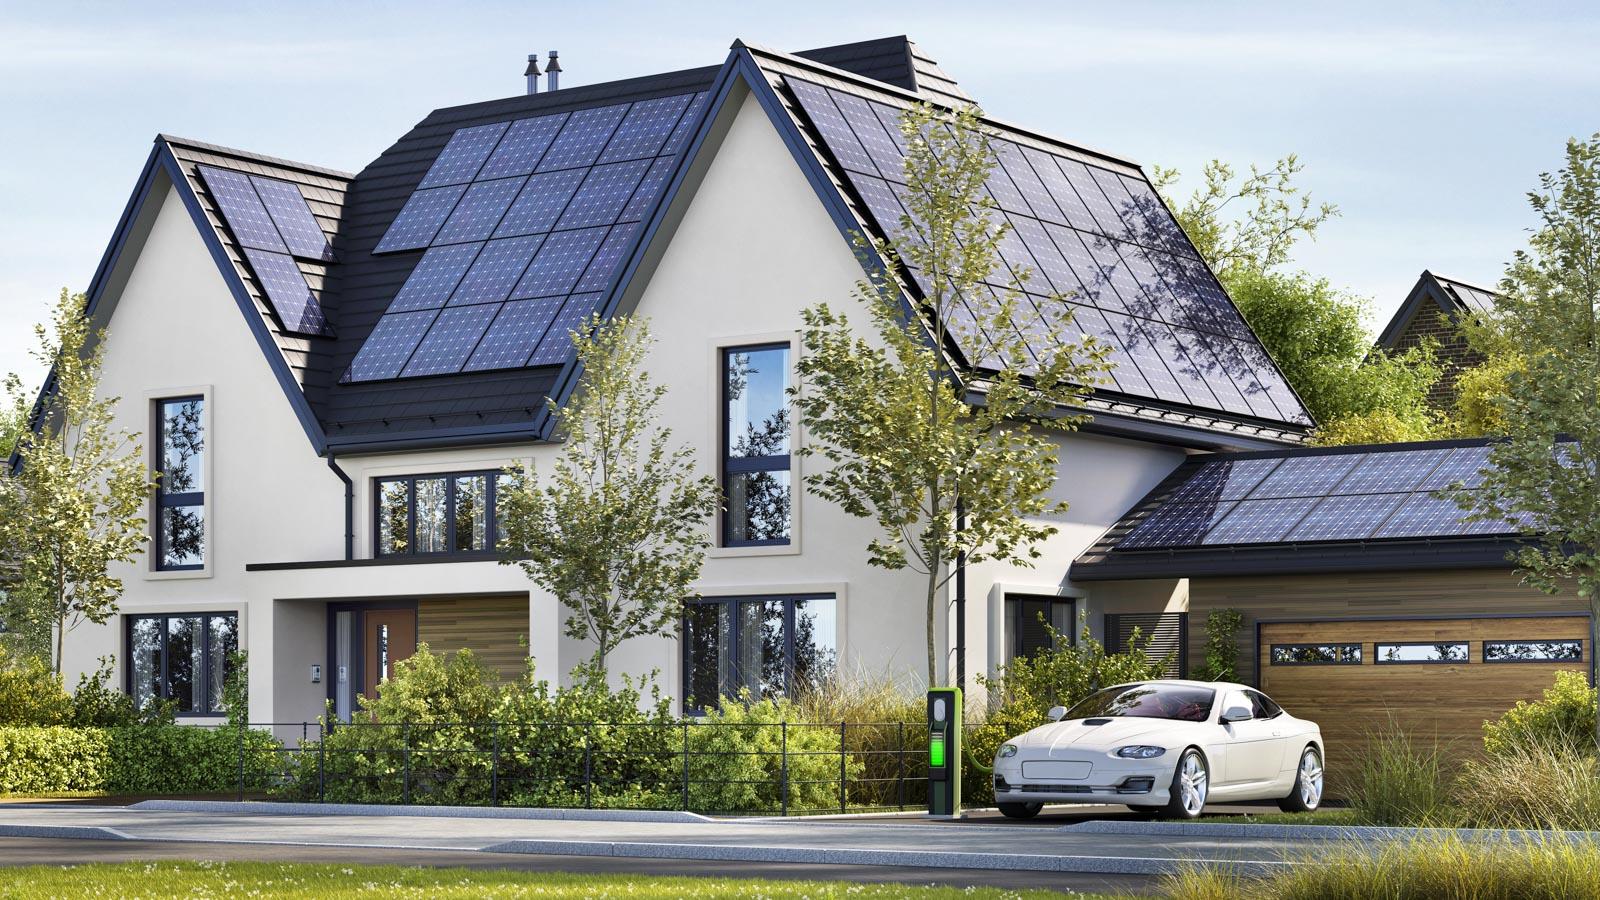 Haus mit Photovoltaikanlage auf mehreren Dachflächen mit unterschiedlicher Ausrichtung